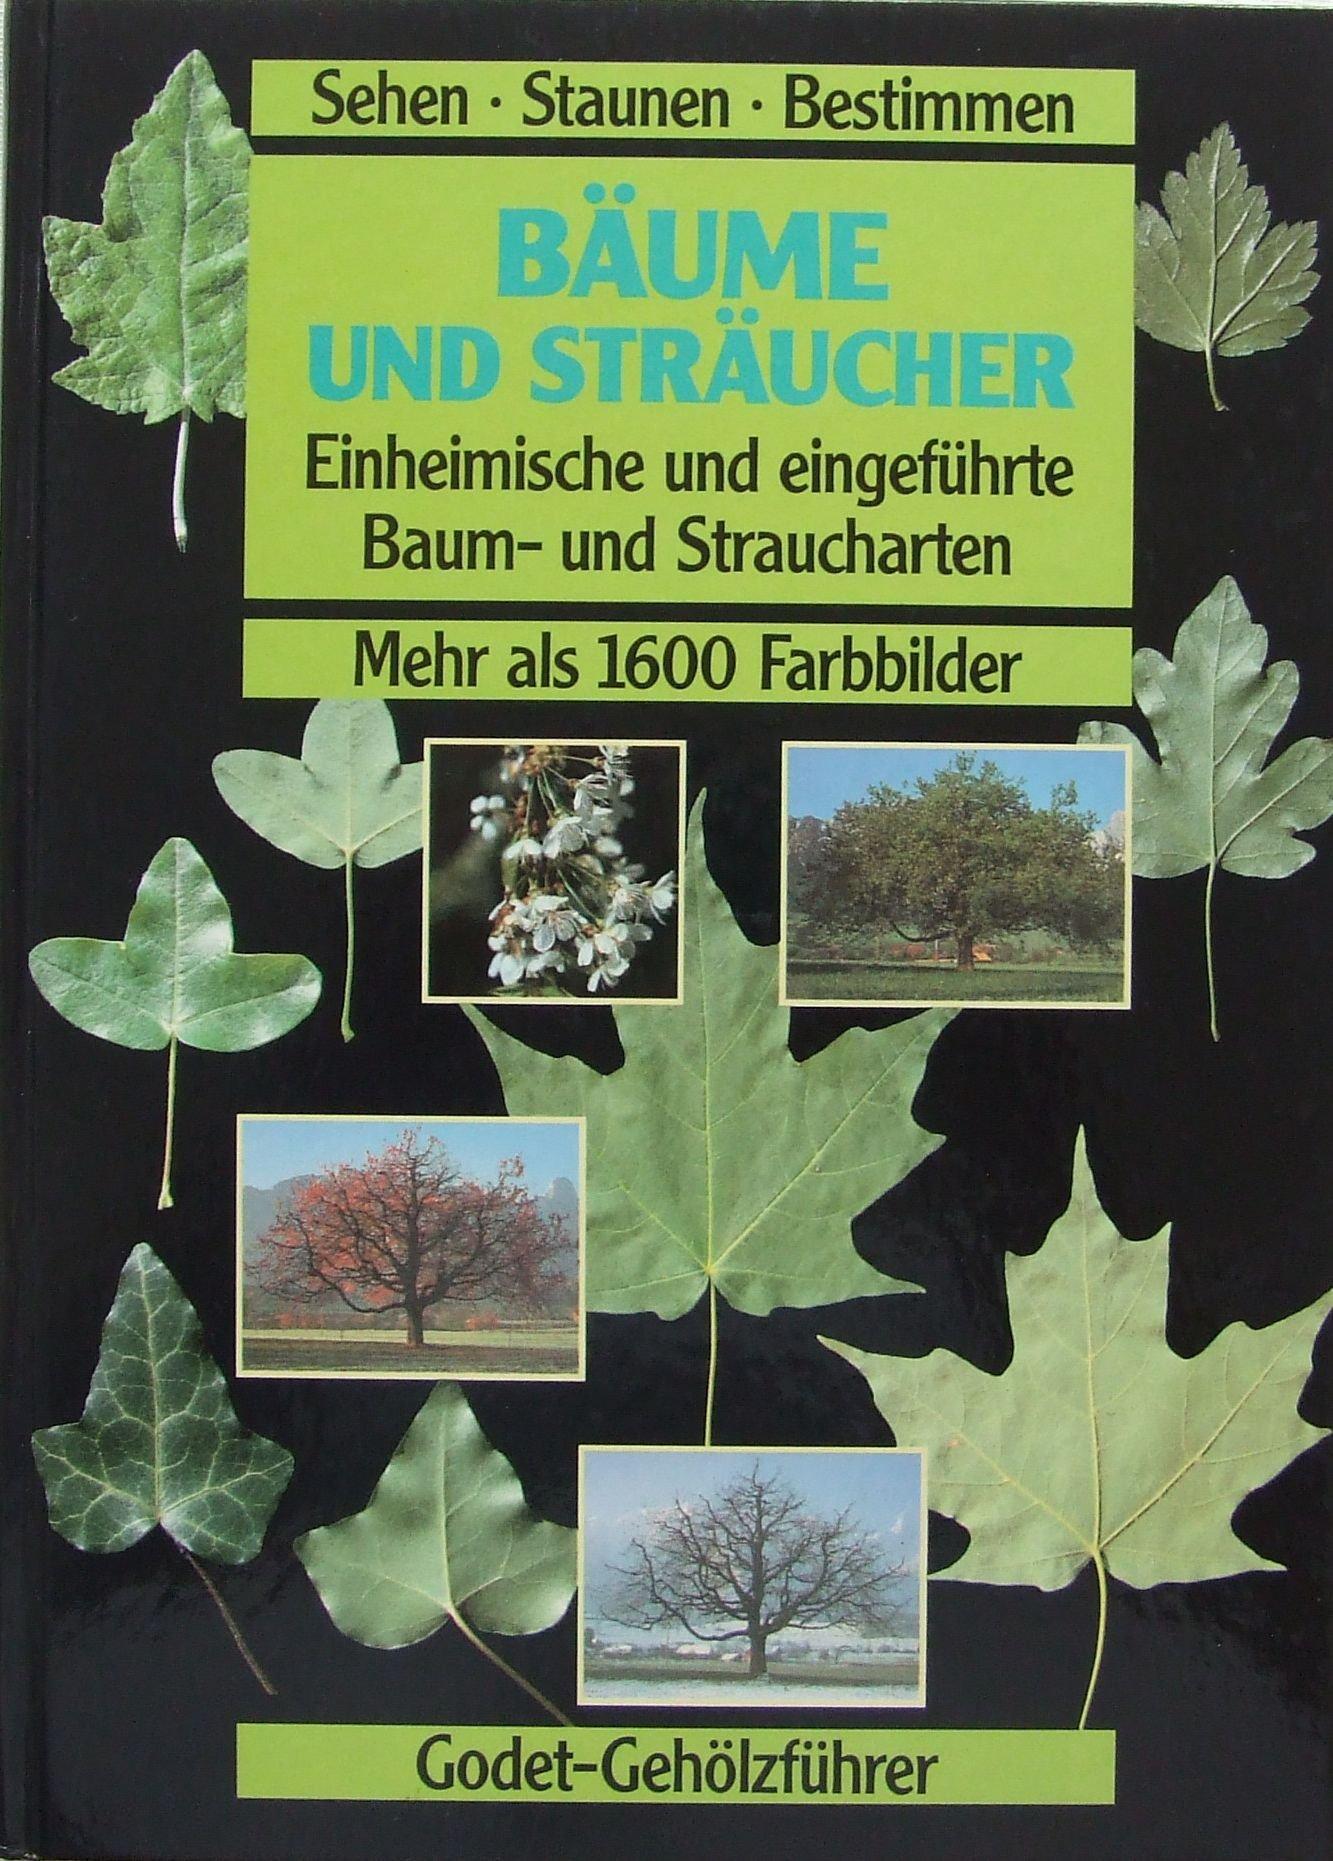 Bäume und Sträucher: Einheimische und eingeführte Baum- und Straucharten